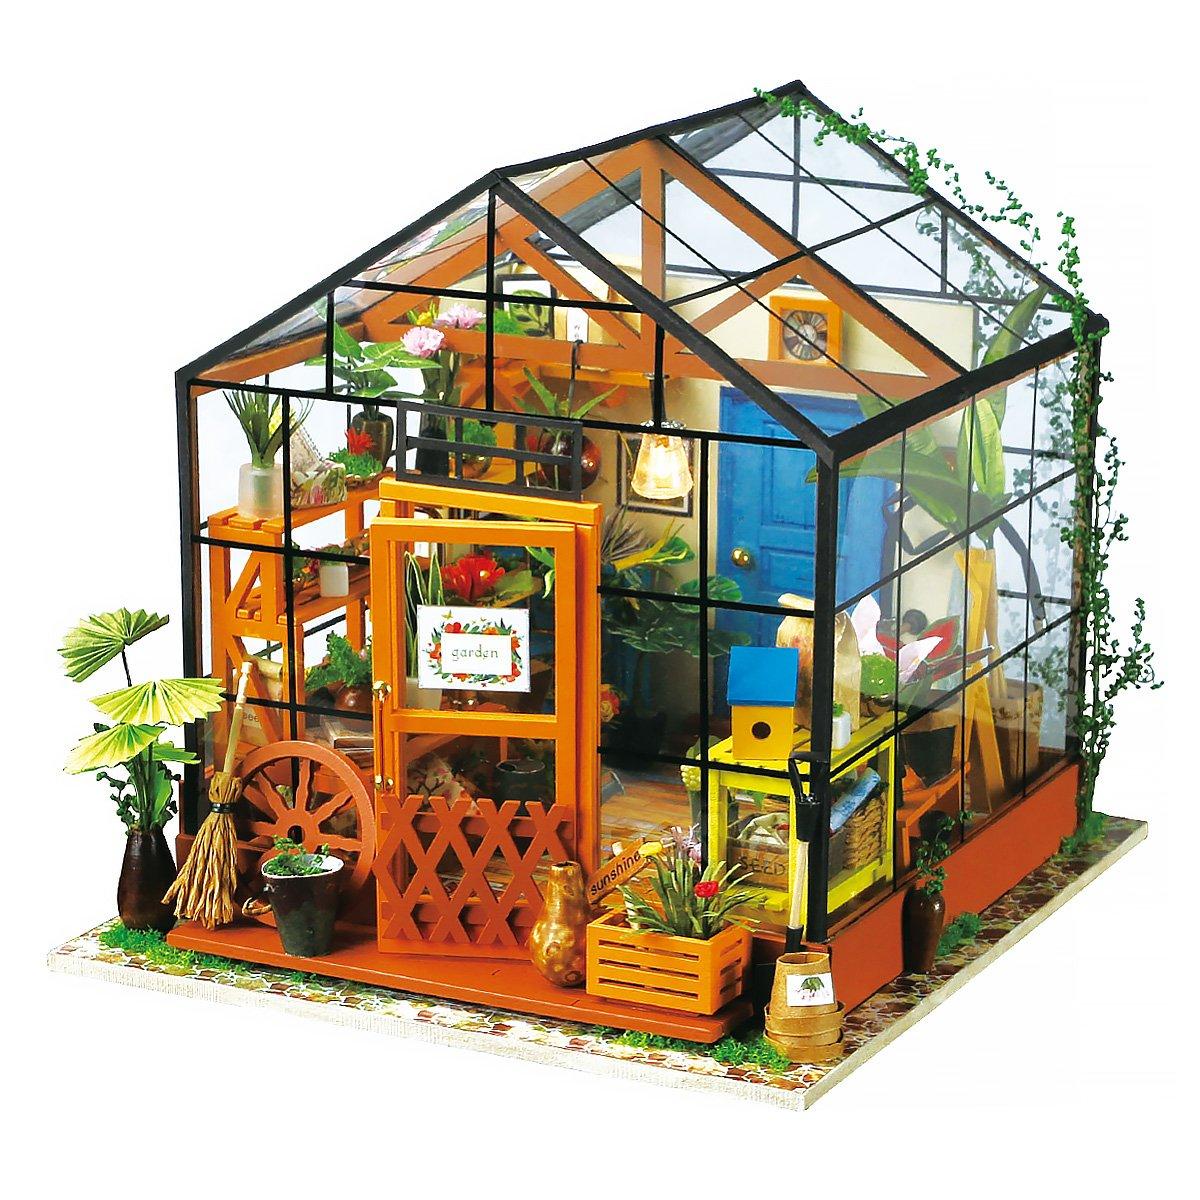 ROBOTIME Dollhouse Miniature Furniture Birthday